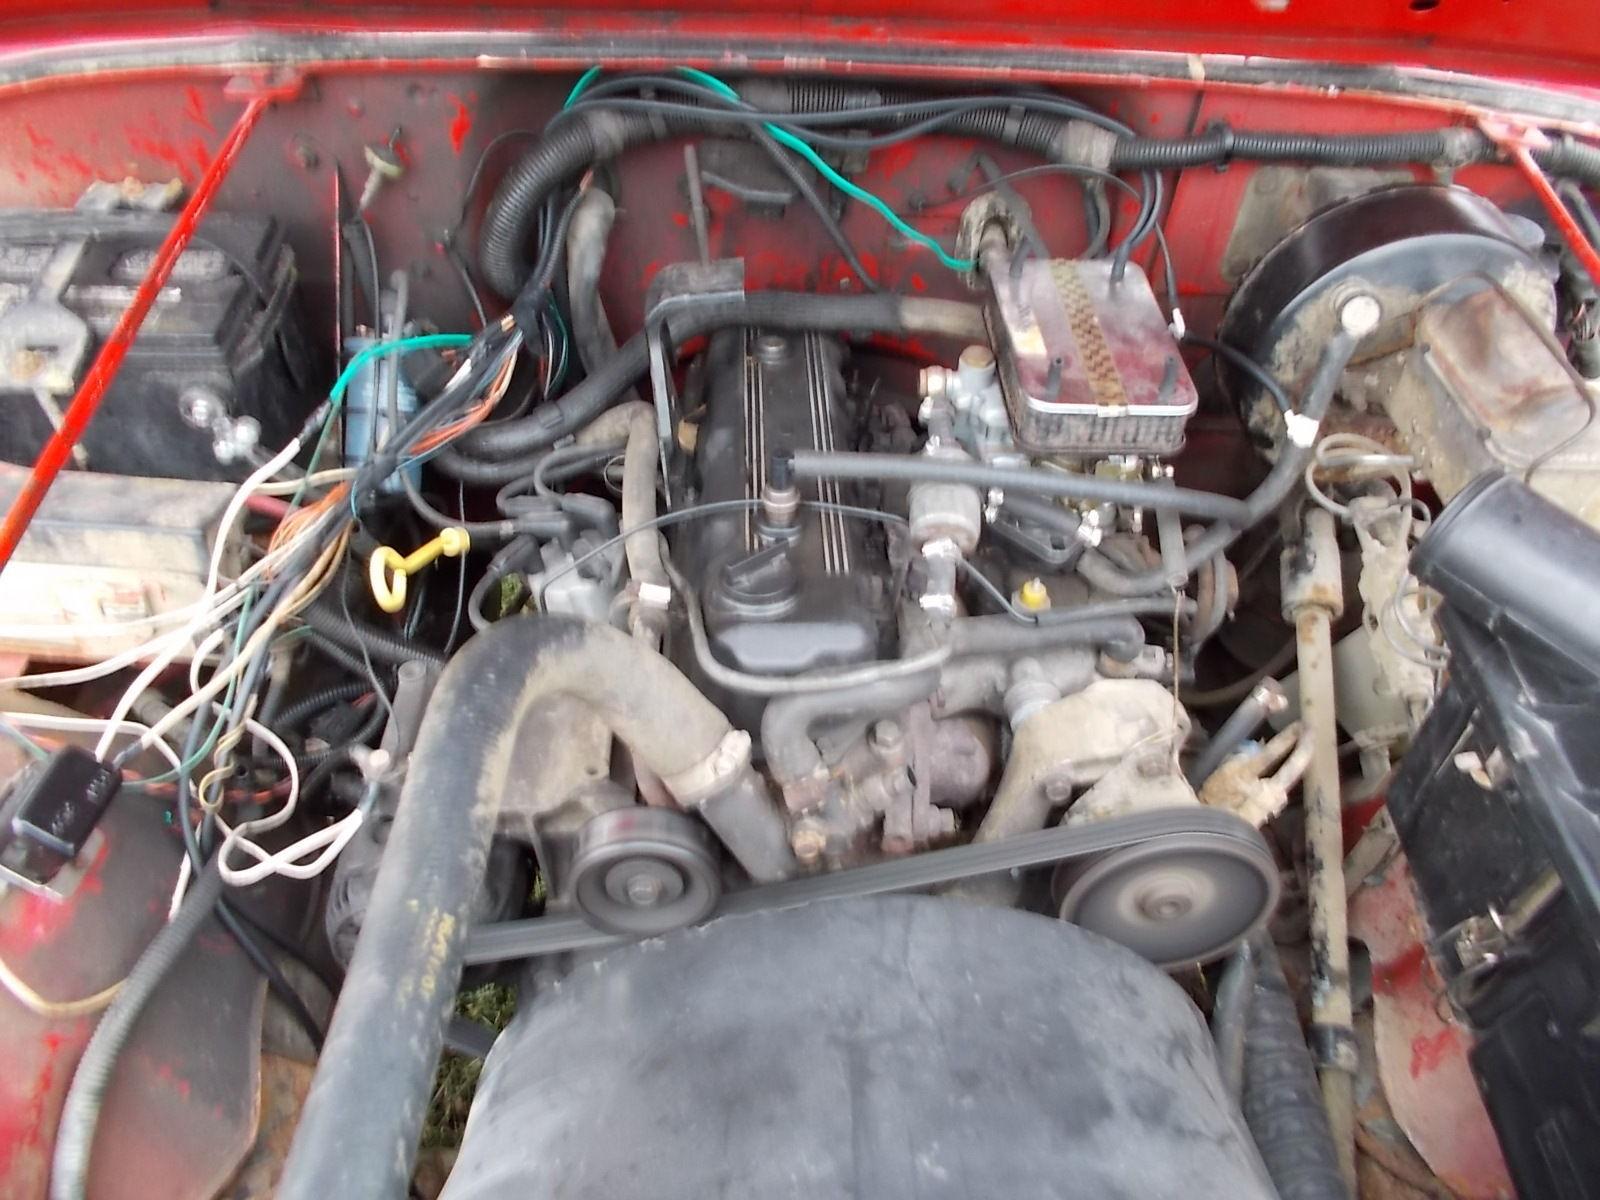 1994 Jeep Wrangler Yjhalf Hardtop25 Amc5 Speed Tranny4x4weber Carburetor Prevnext